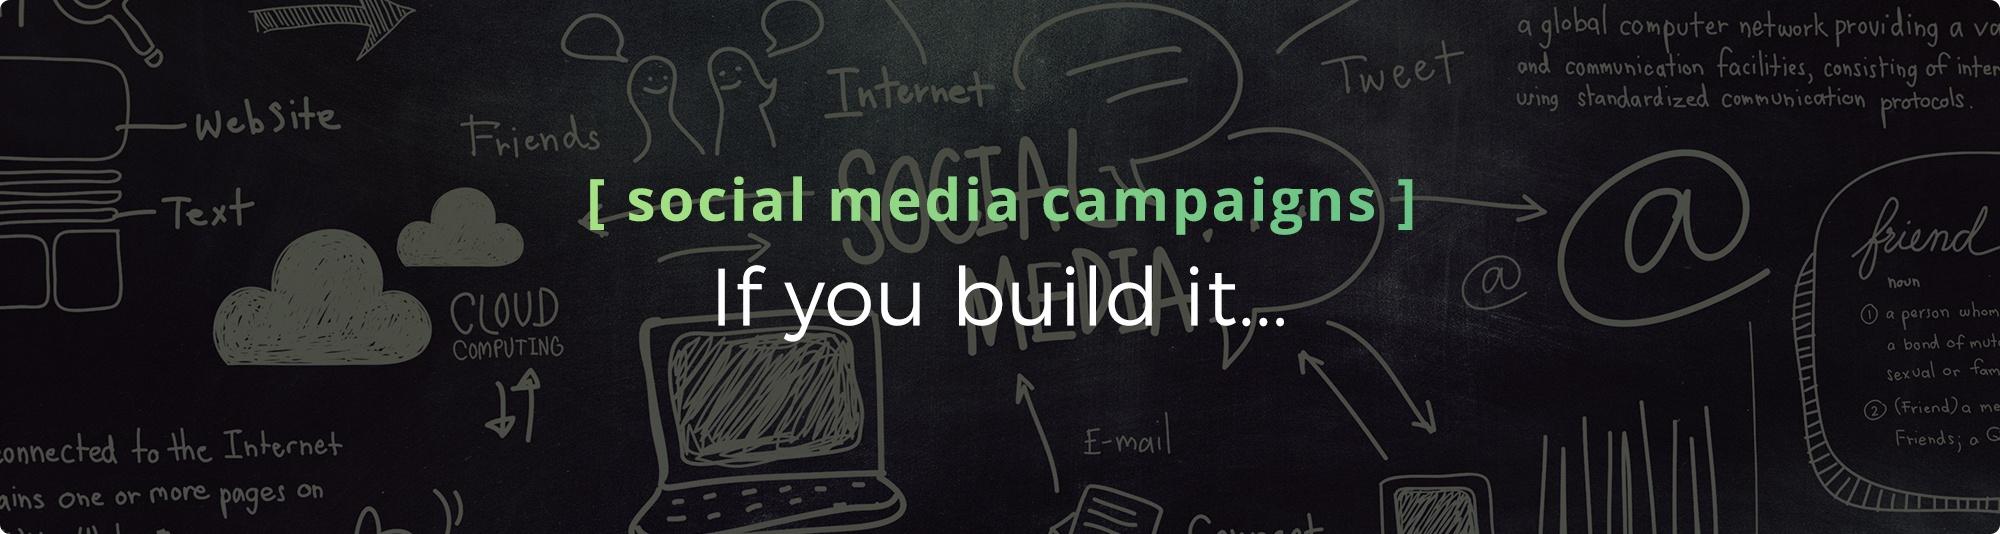 1 Social Media Campaigns Header.jpg